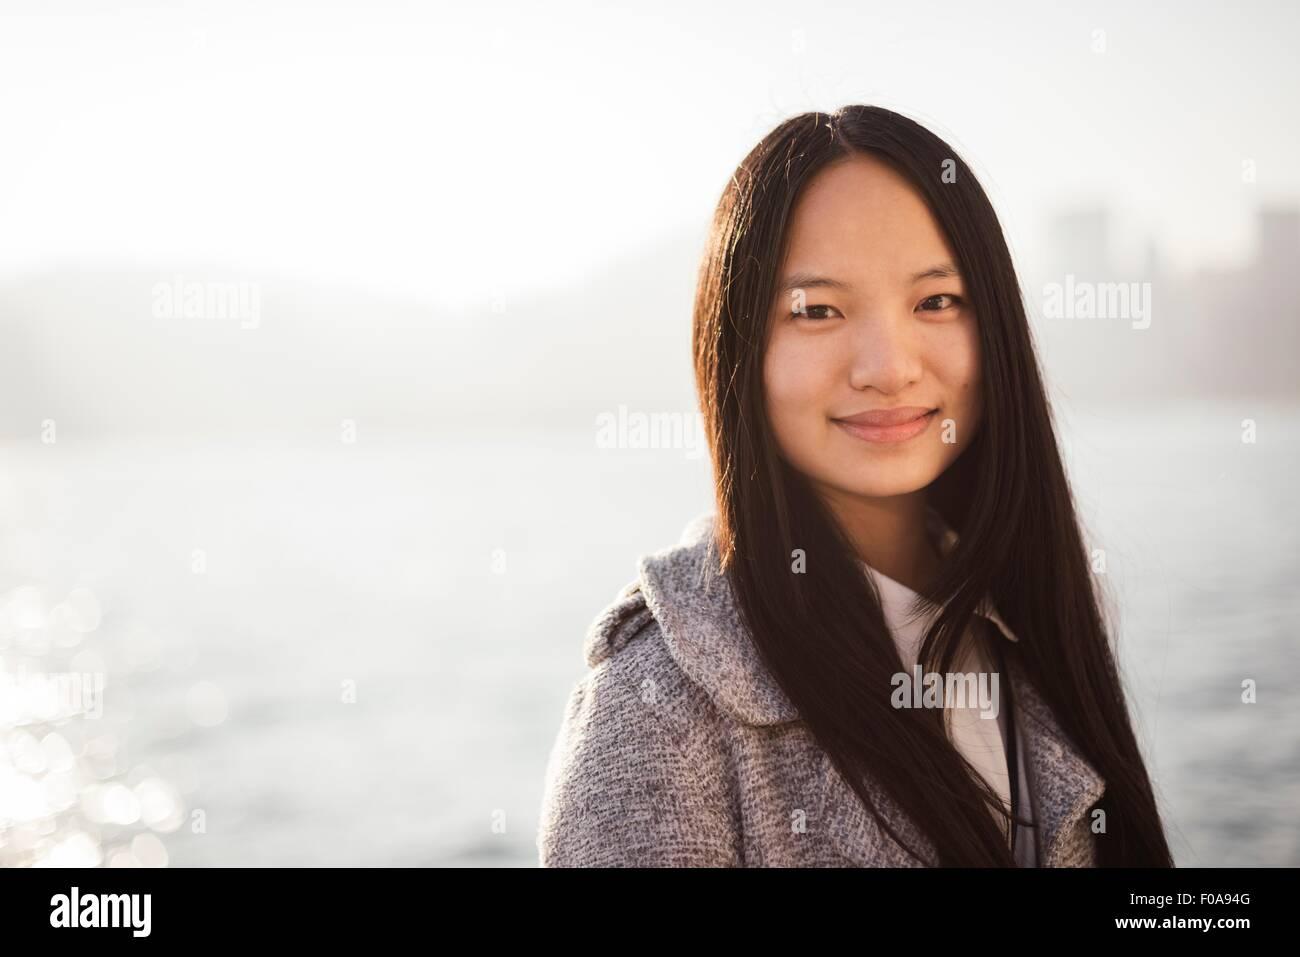 Portrait de jeune femme avec de longs cheveux de brunette raie centrale dans looking at camera smiling Photo Stock